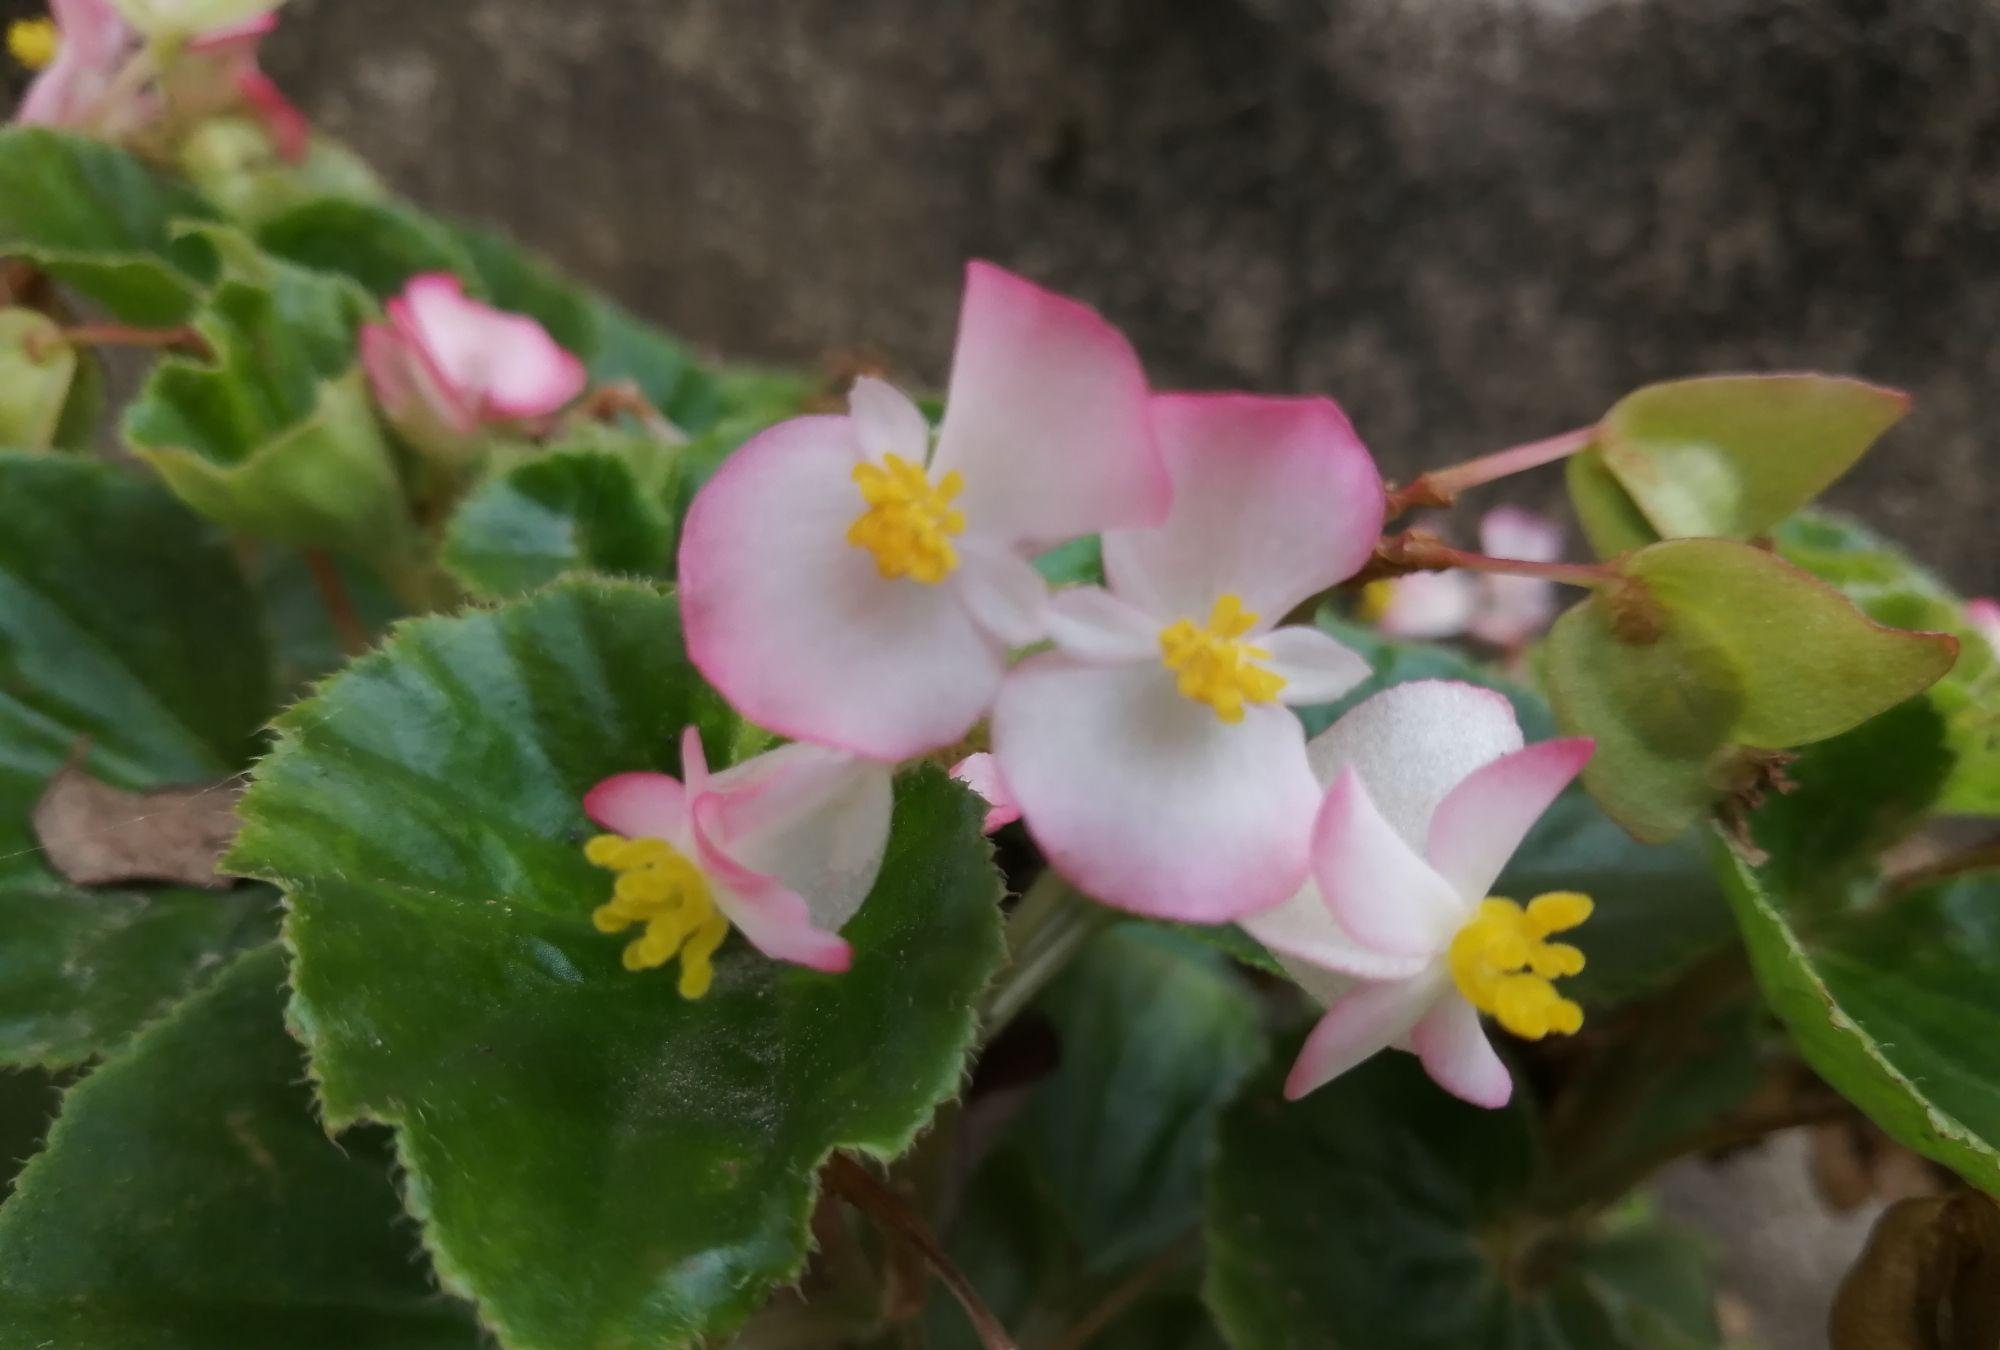 玫红四季秋海棠,粉粉嫩嫩真漂亮